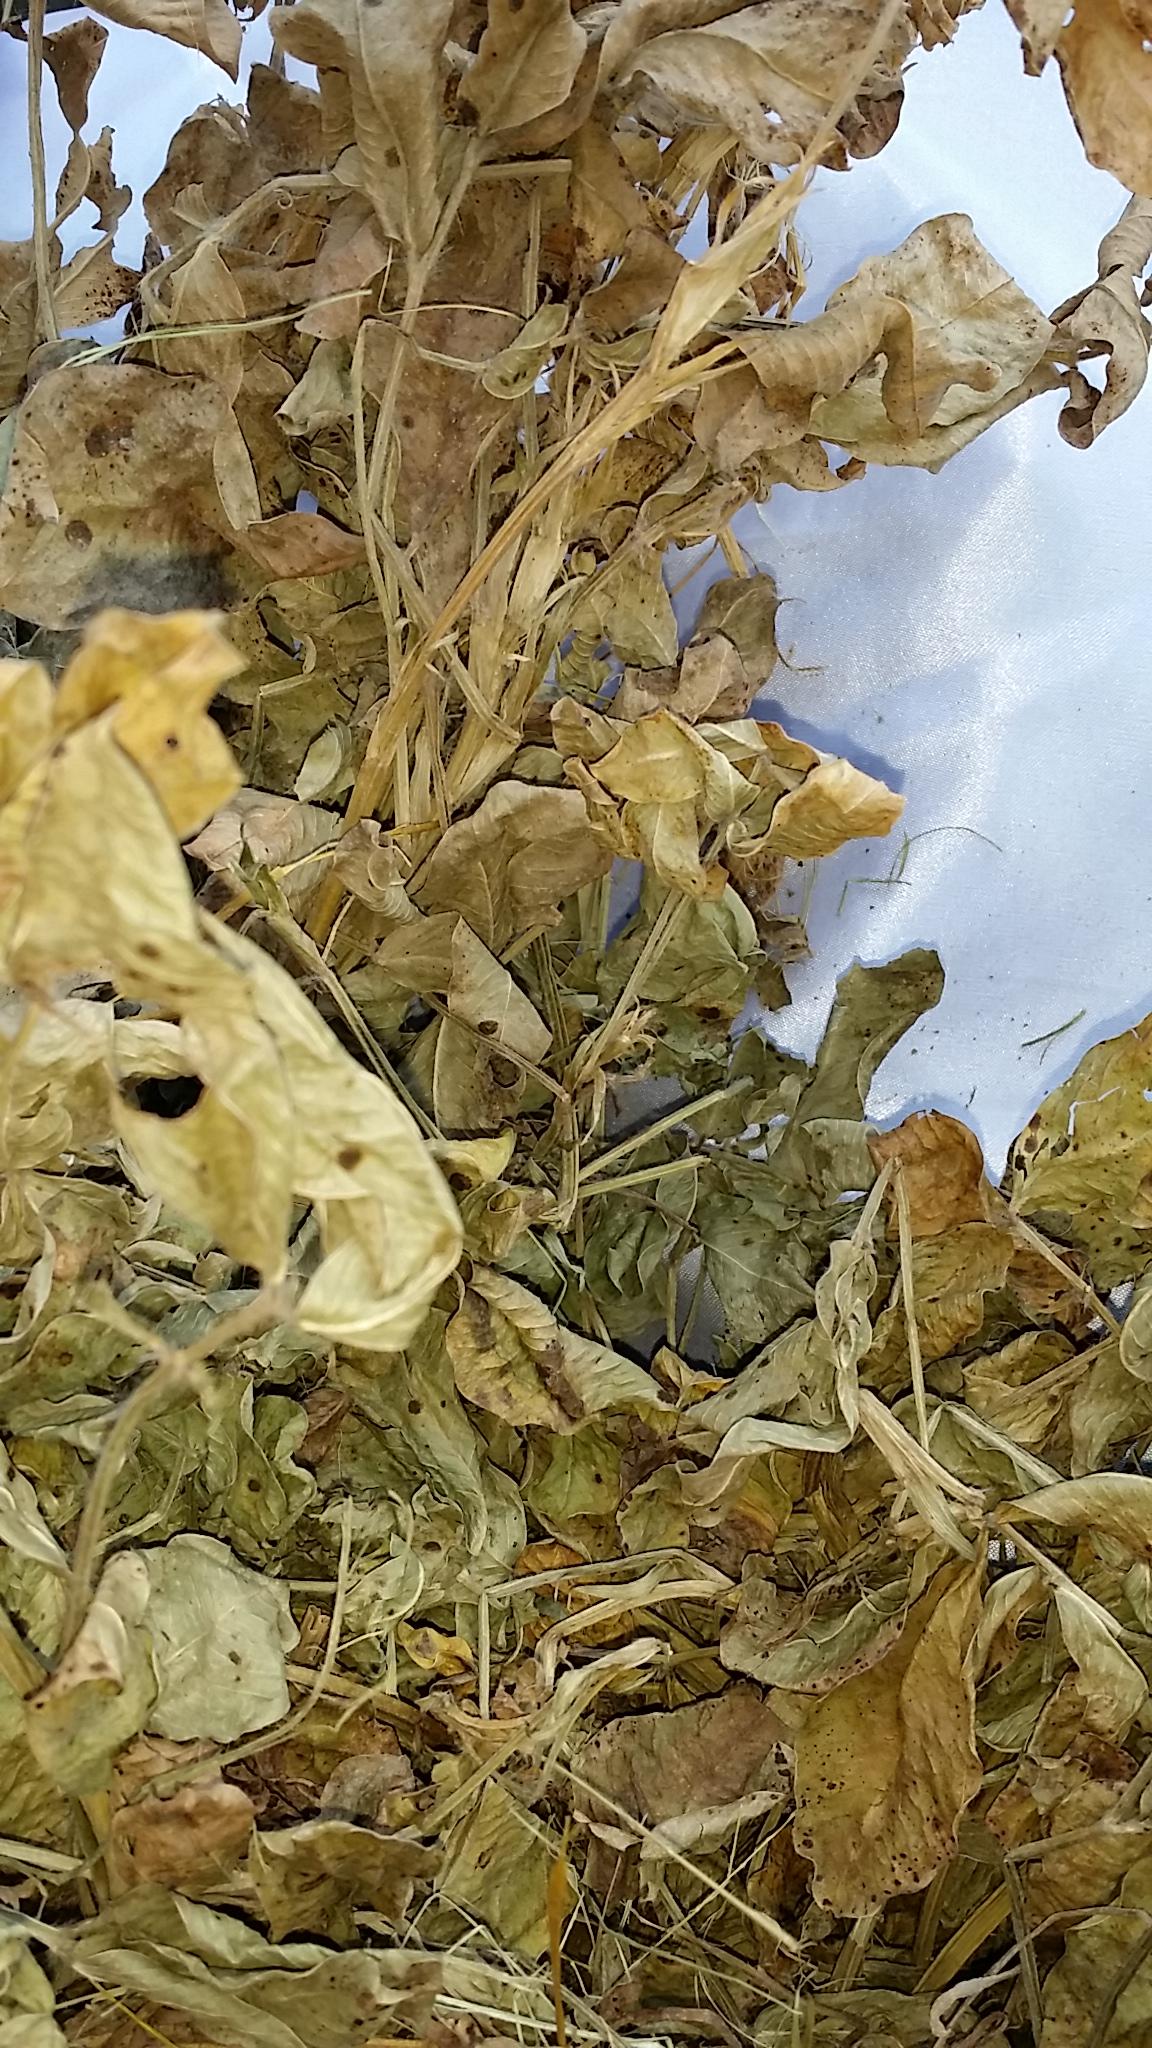 Новые цветы сырье лист арахис стебель лист сухие цветы сырье лист 250g